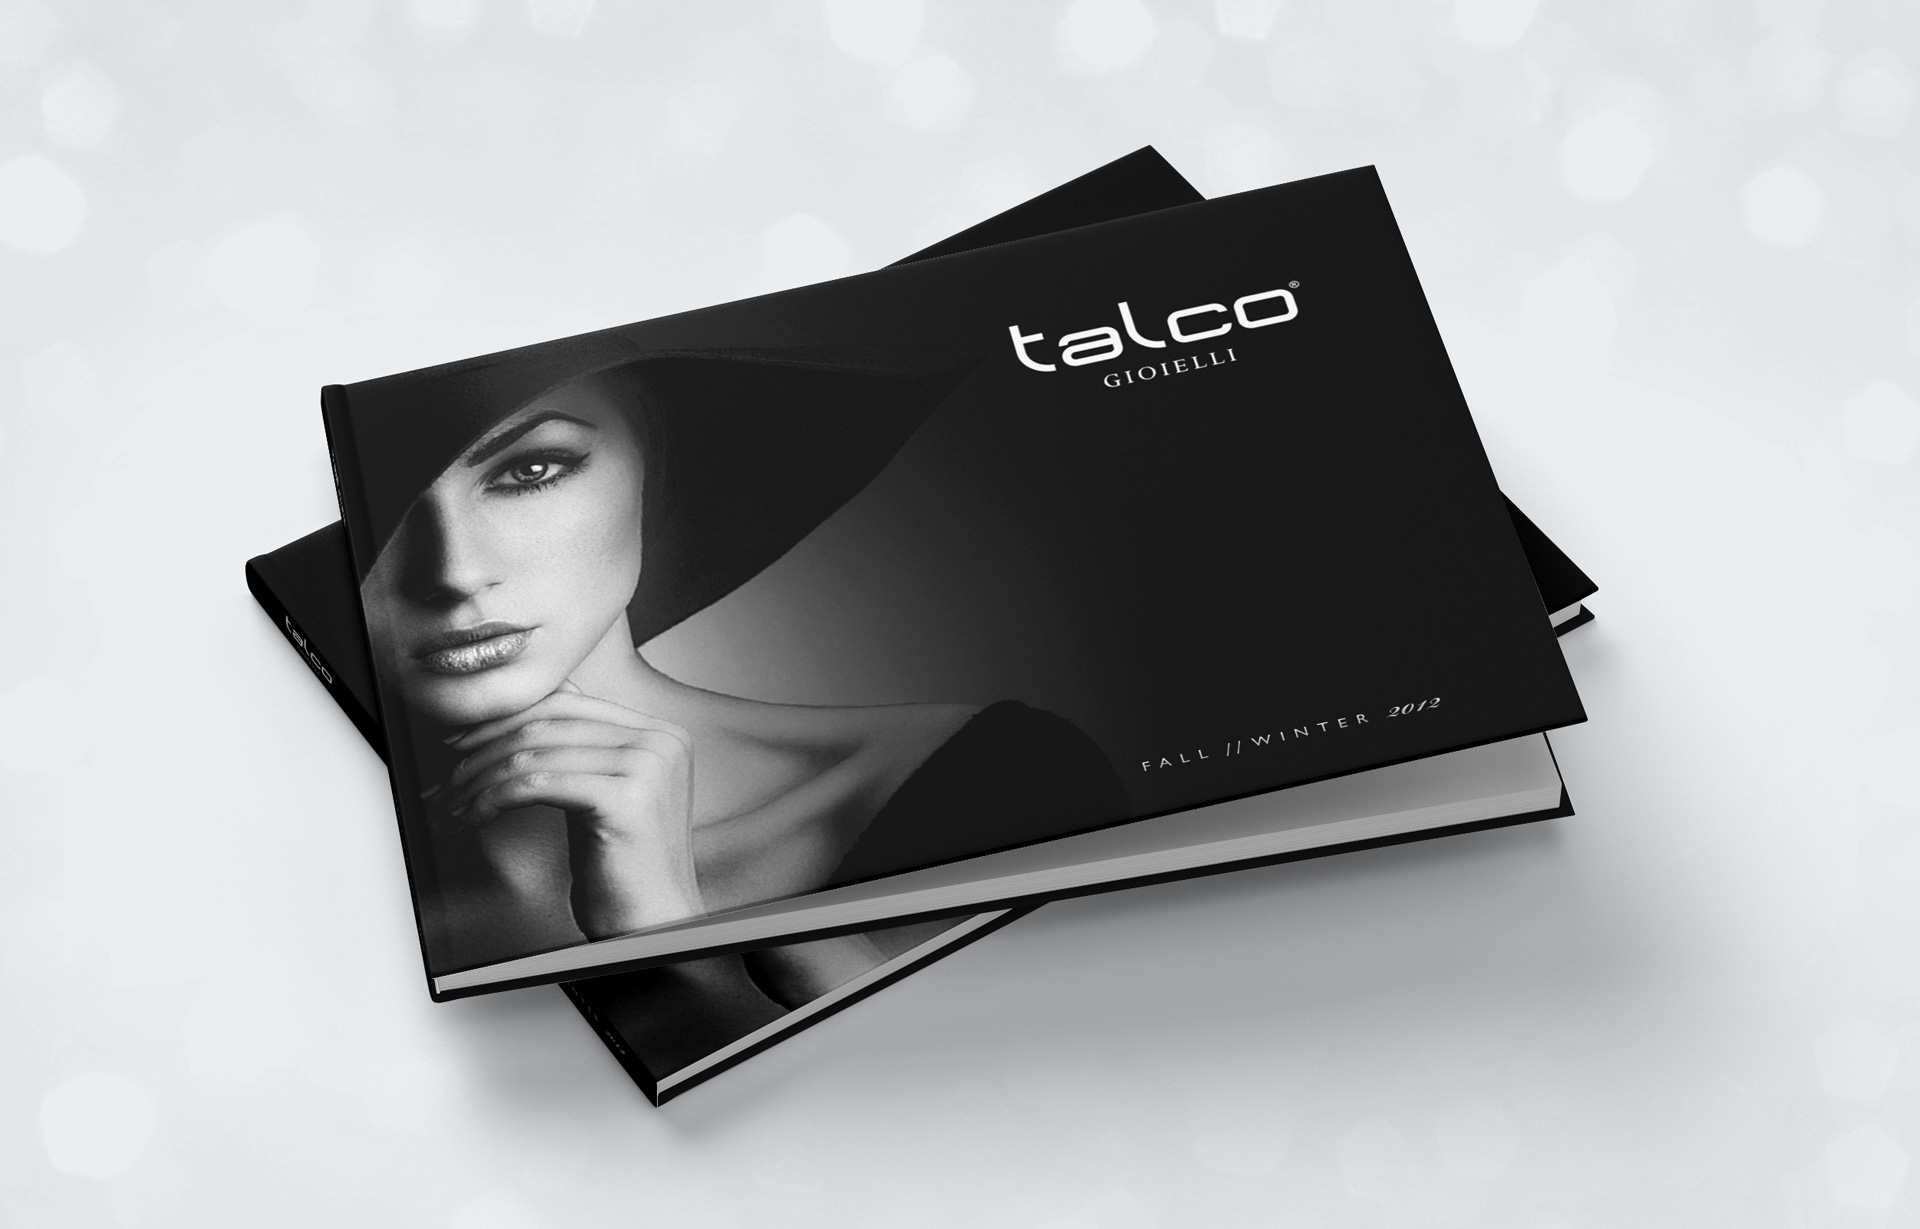 TALCO-Gioielli_Slide-01